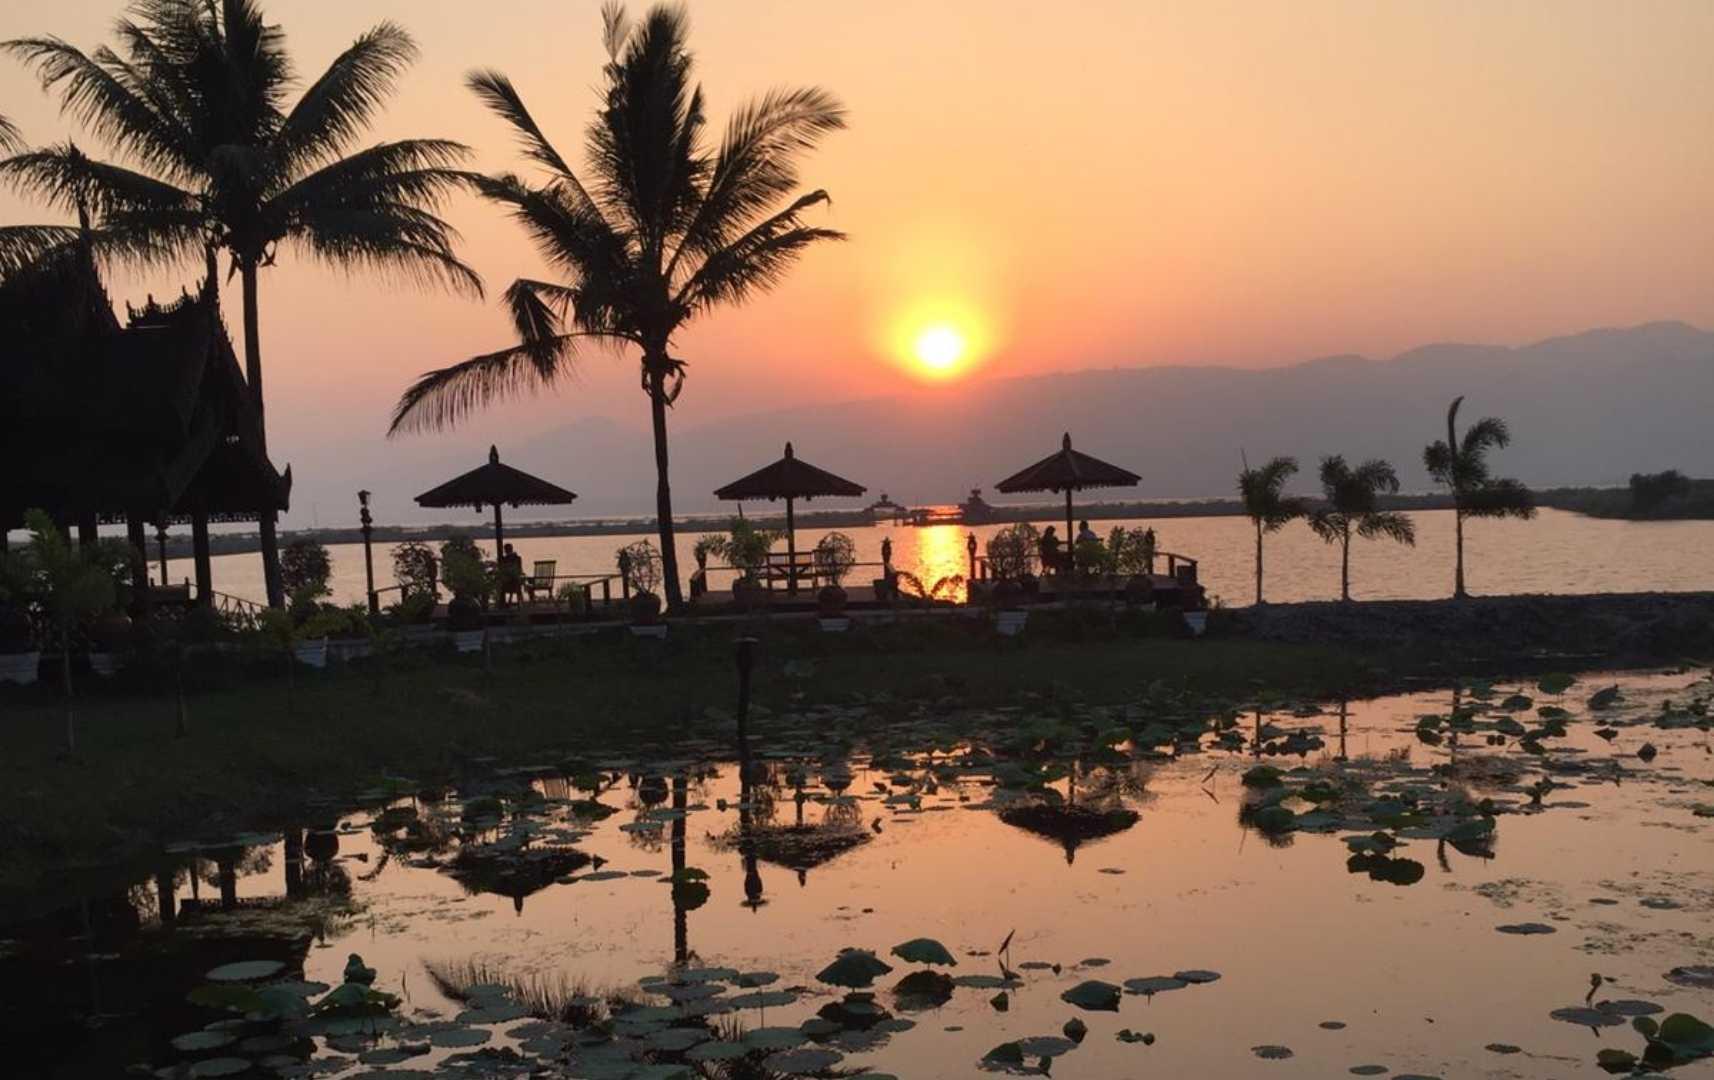 Abendstimmung Sonnenuntergang - Myanmar